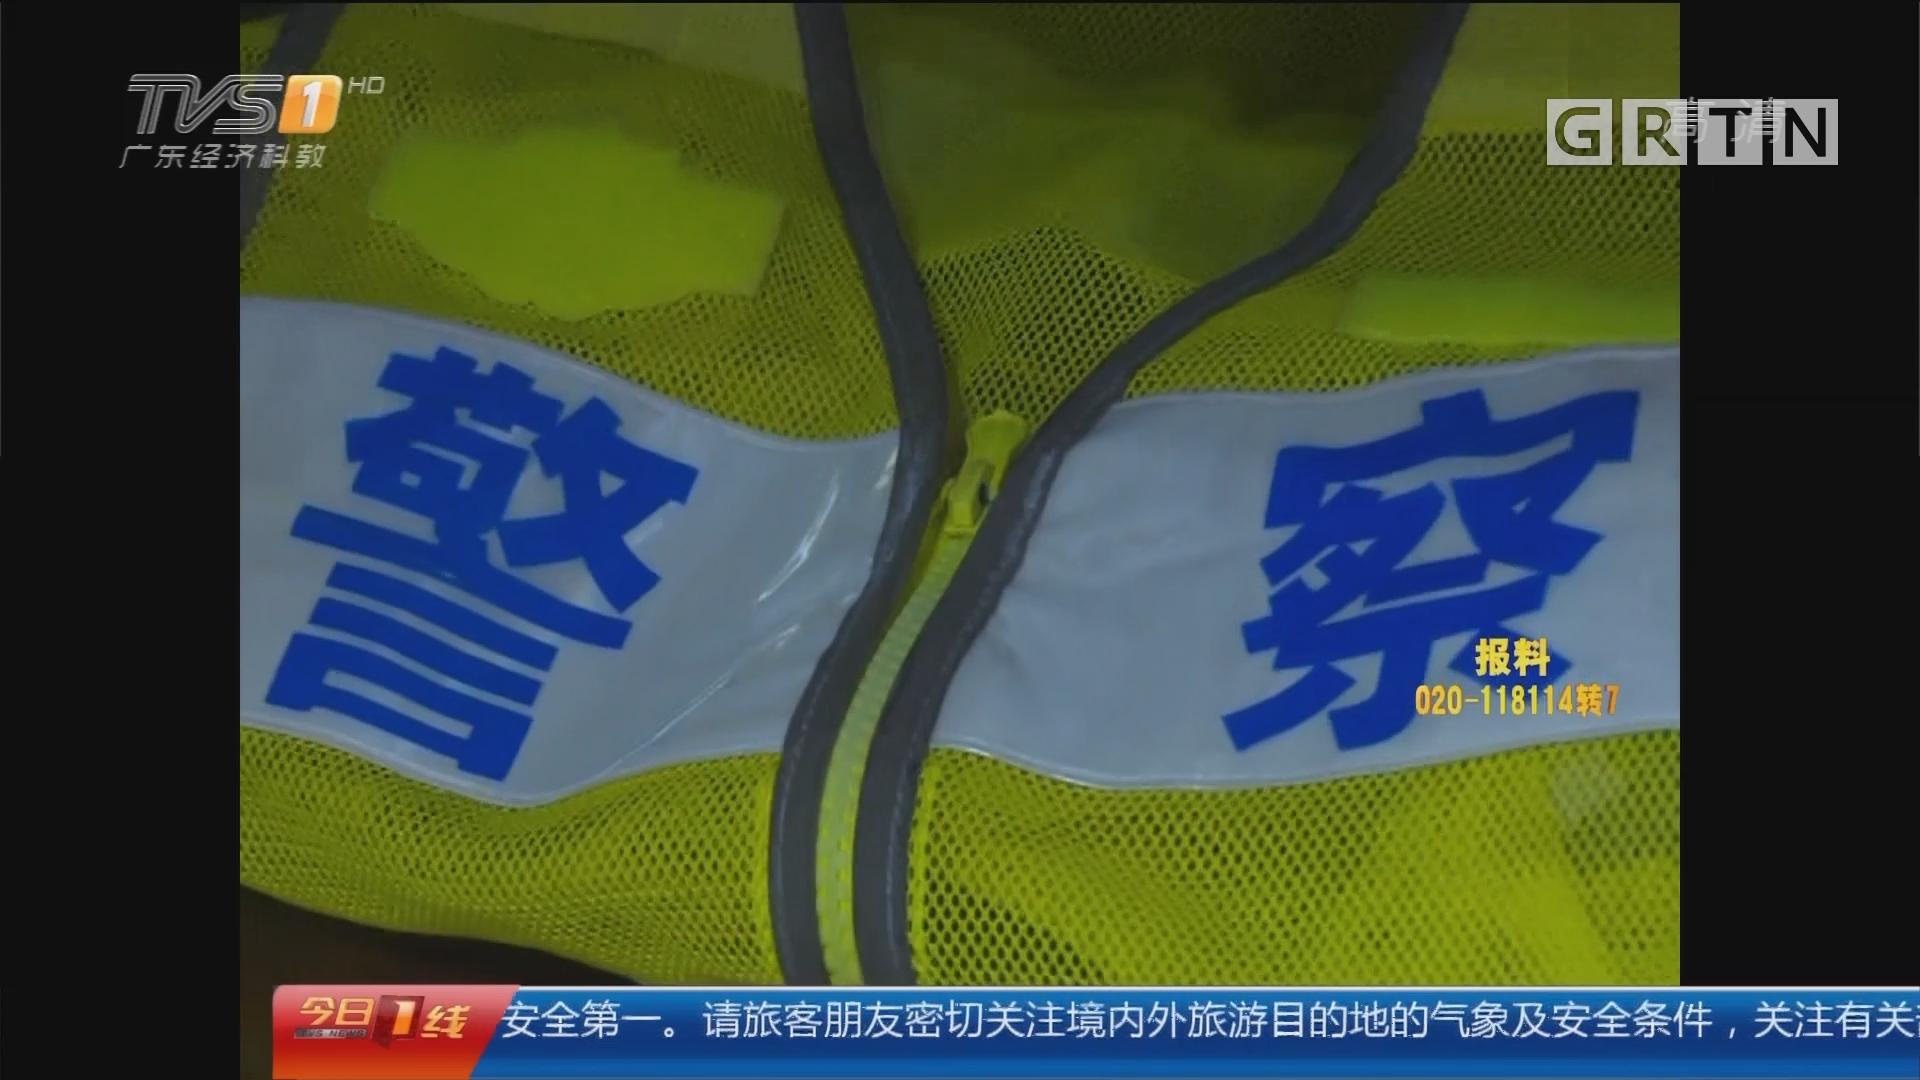 重庆:民警被刺数刀负重伤 因公殉职